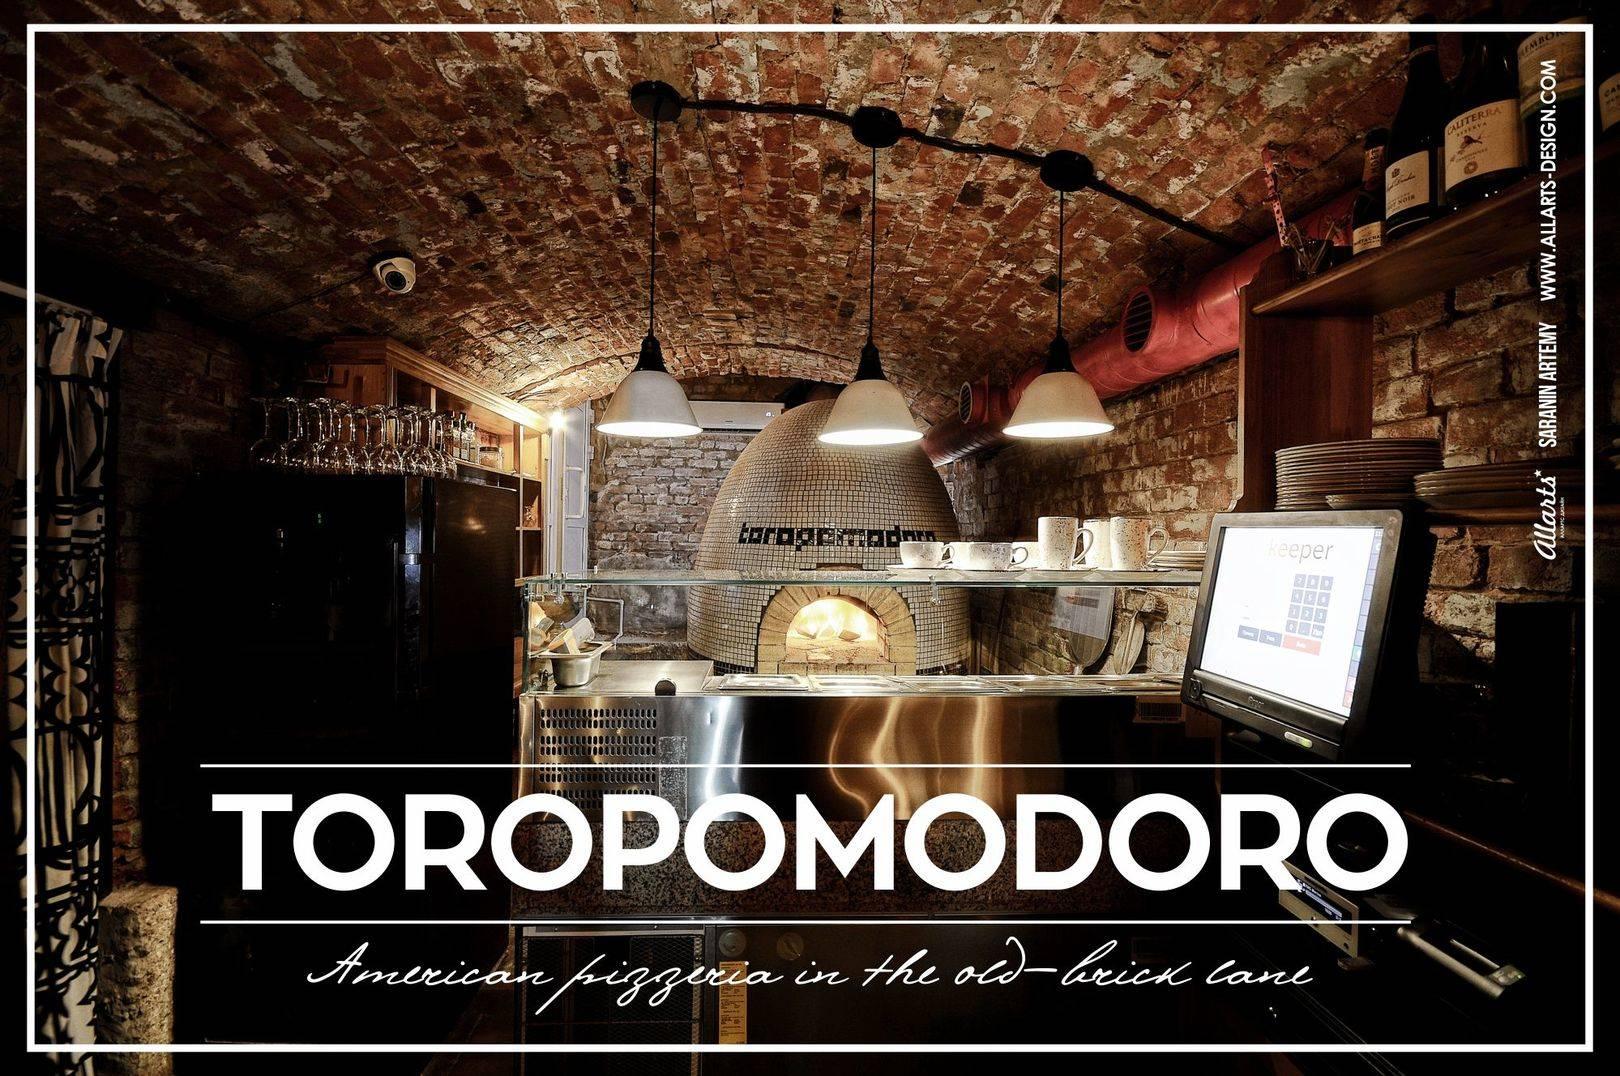 Дизайн интерьера пиццерия Toropomodoro